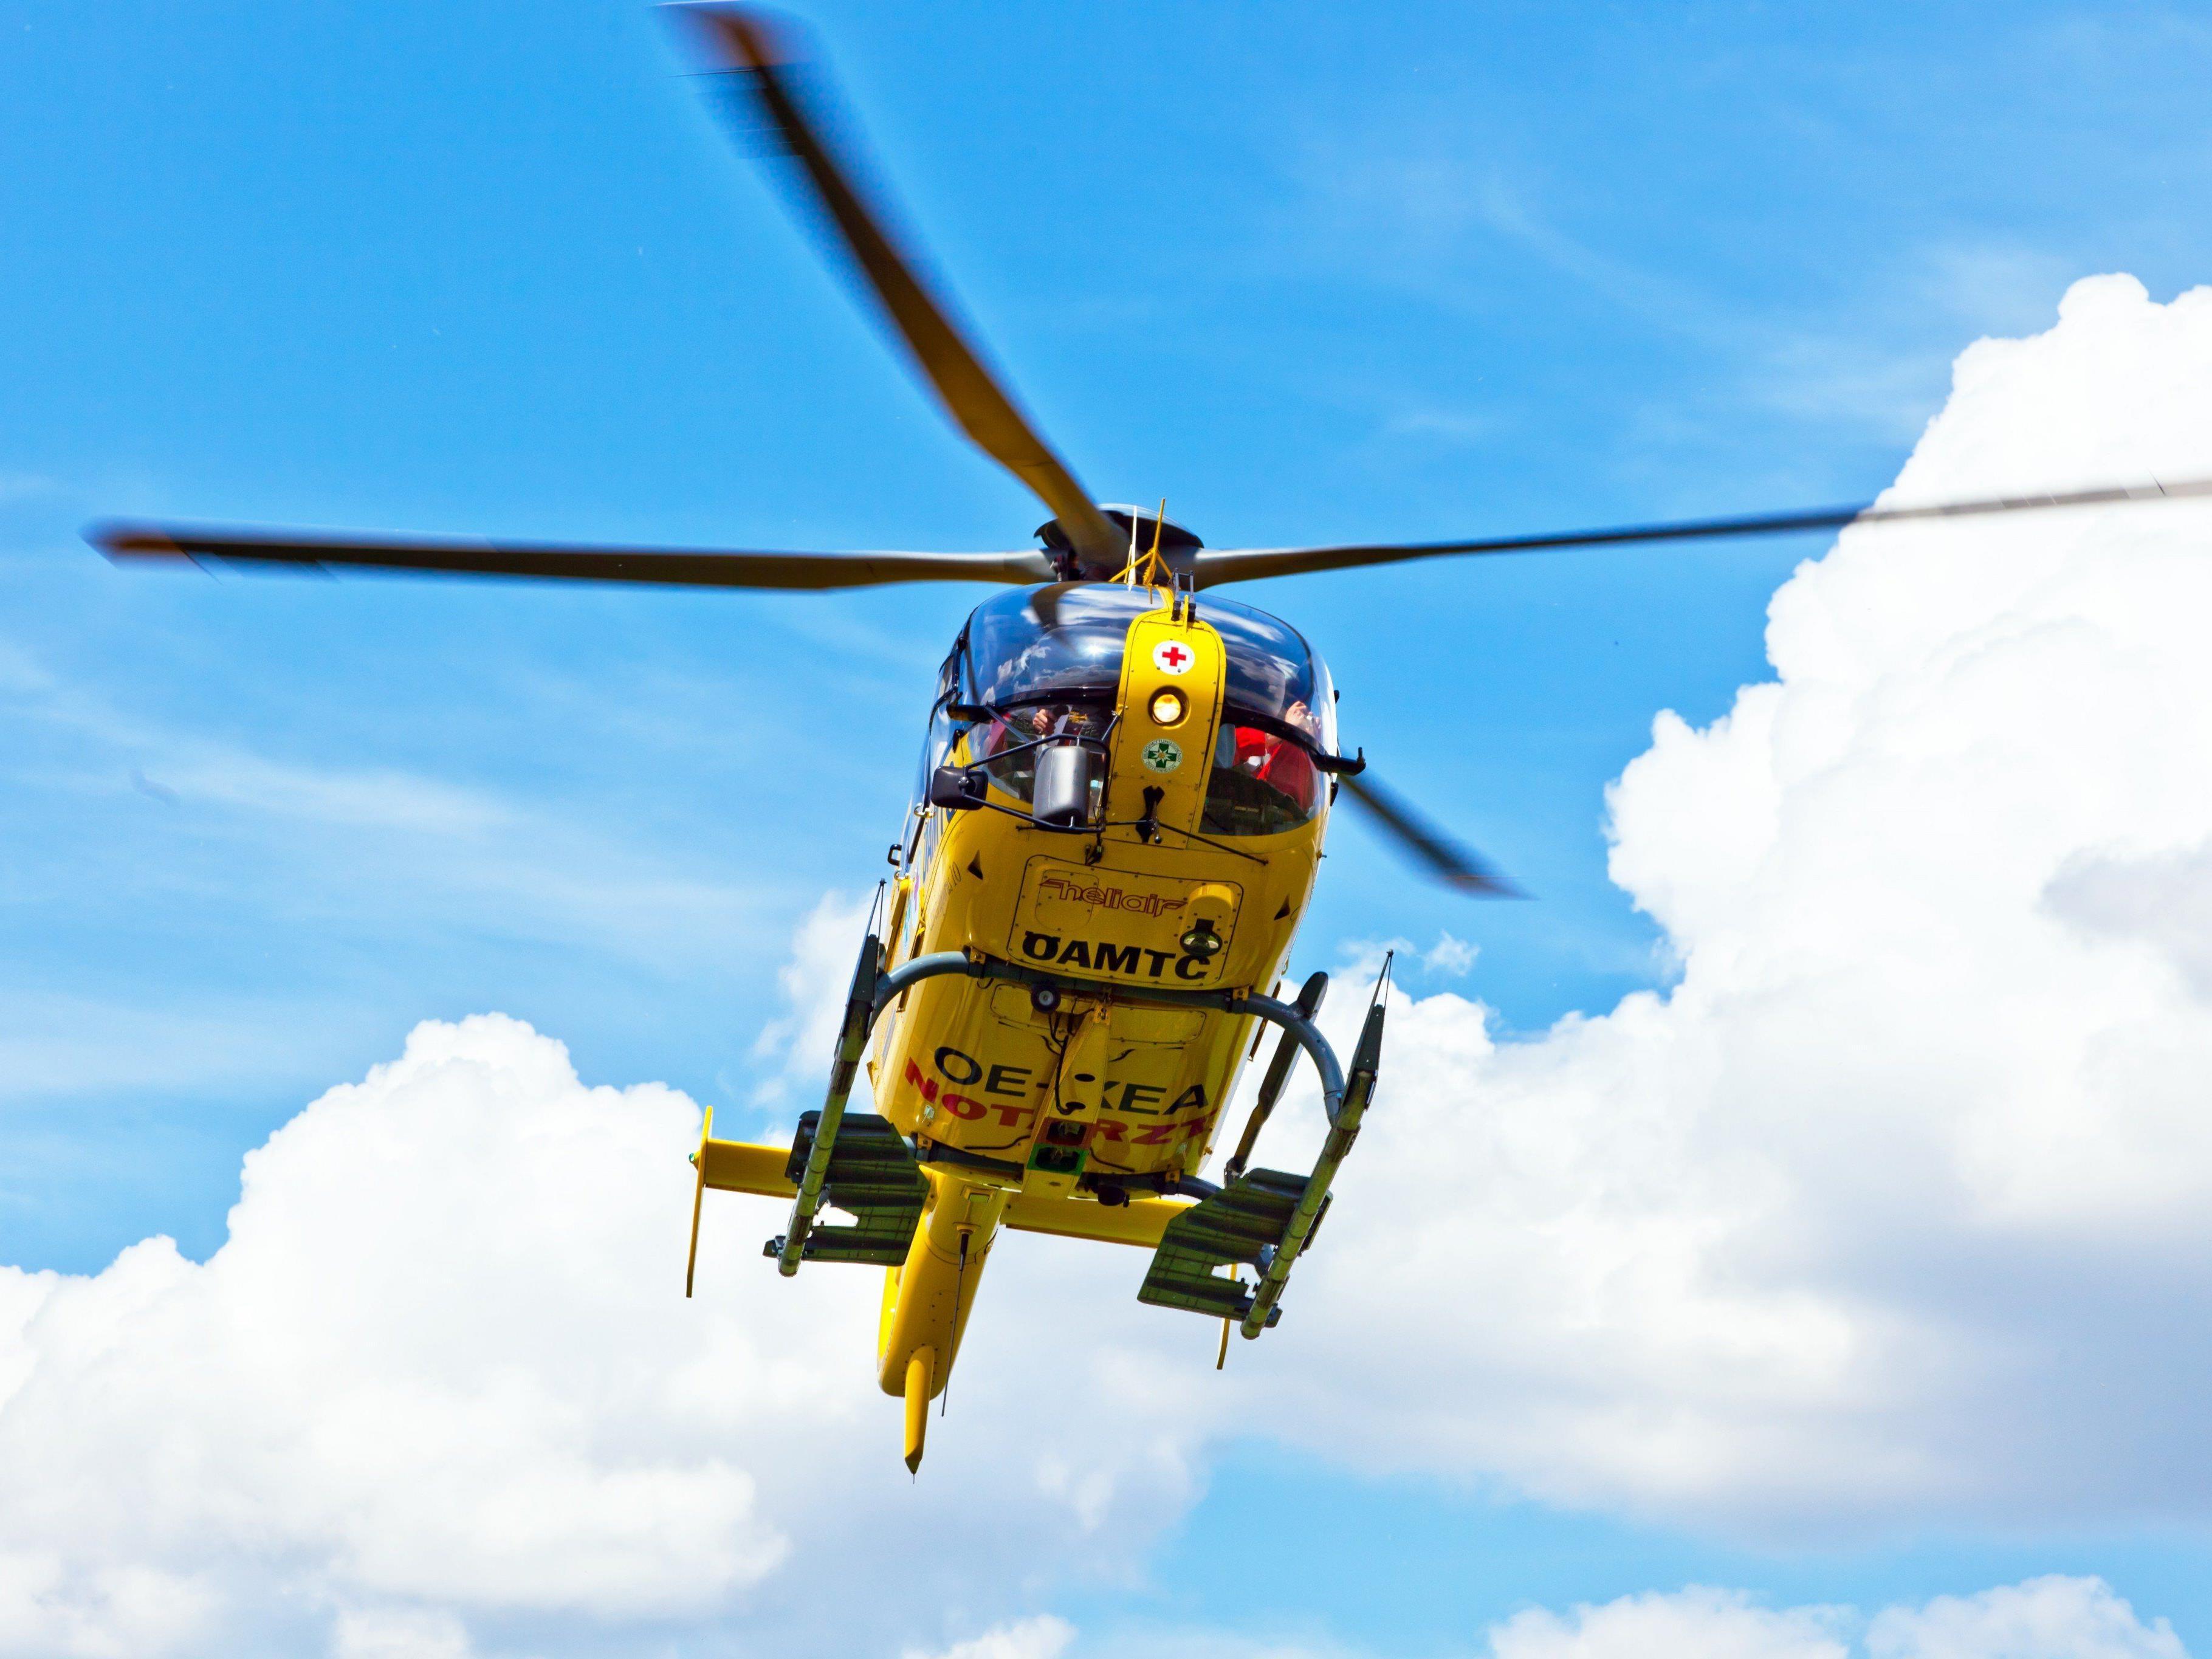 Der 79-Jährige musste mit dem Notarzthubschrauber ins Krankenhaus geflogen werden.